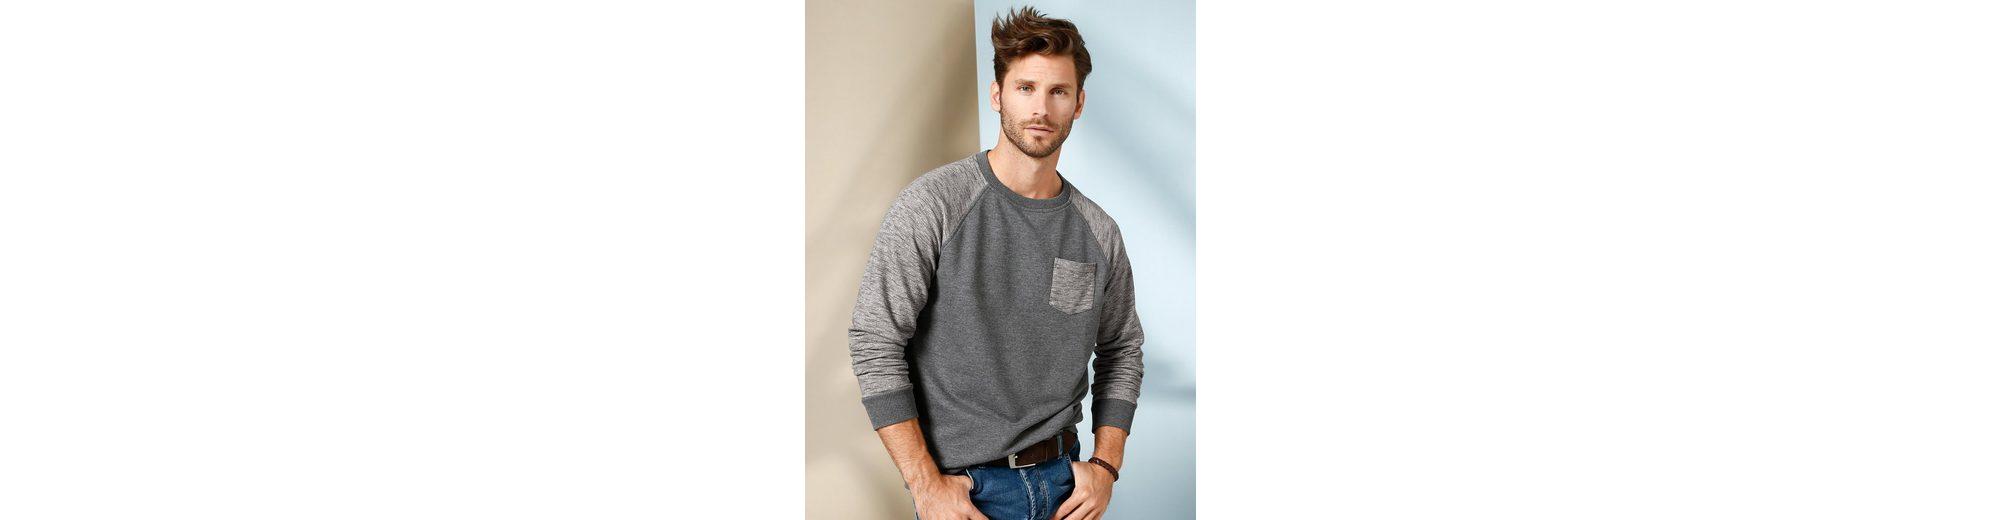 Babista Sweatshirt mit Flammgarn-Optik Sneakernews Verkauf Online Freies Verschiffen Großhandelspreis Bester Lieferant mtl94d72B